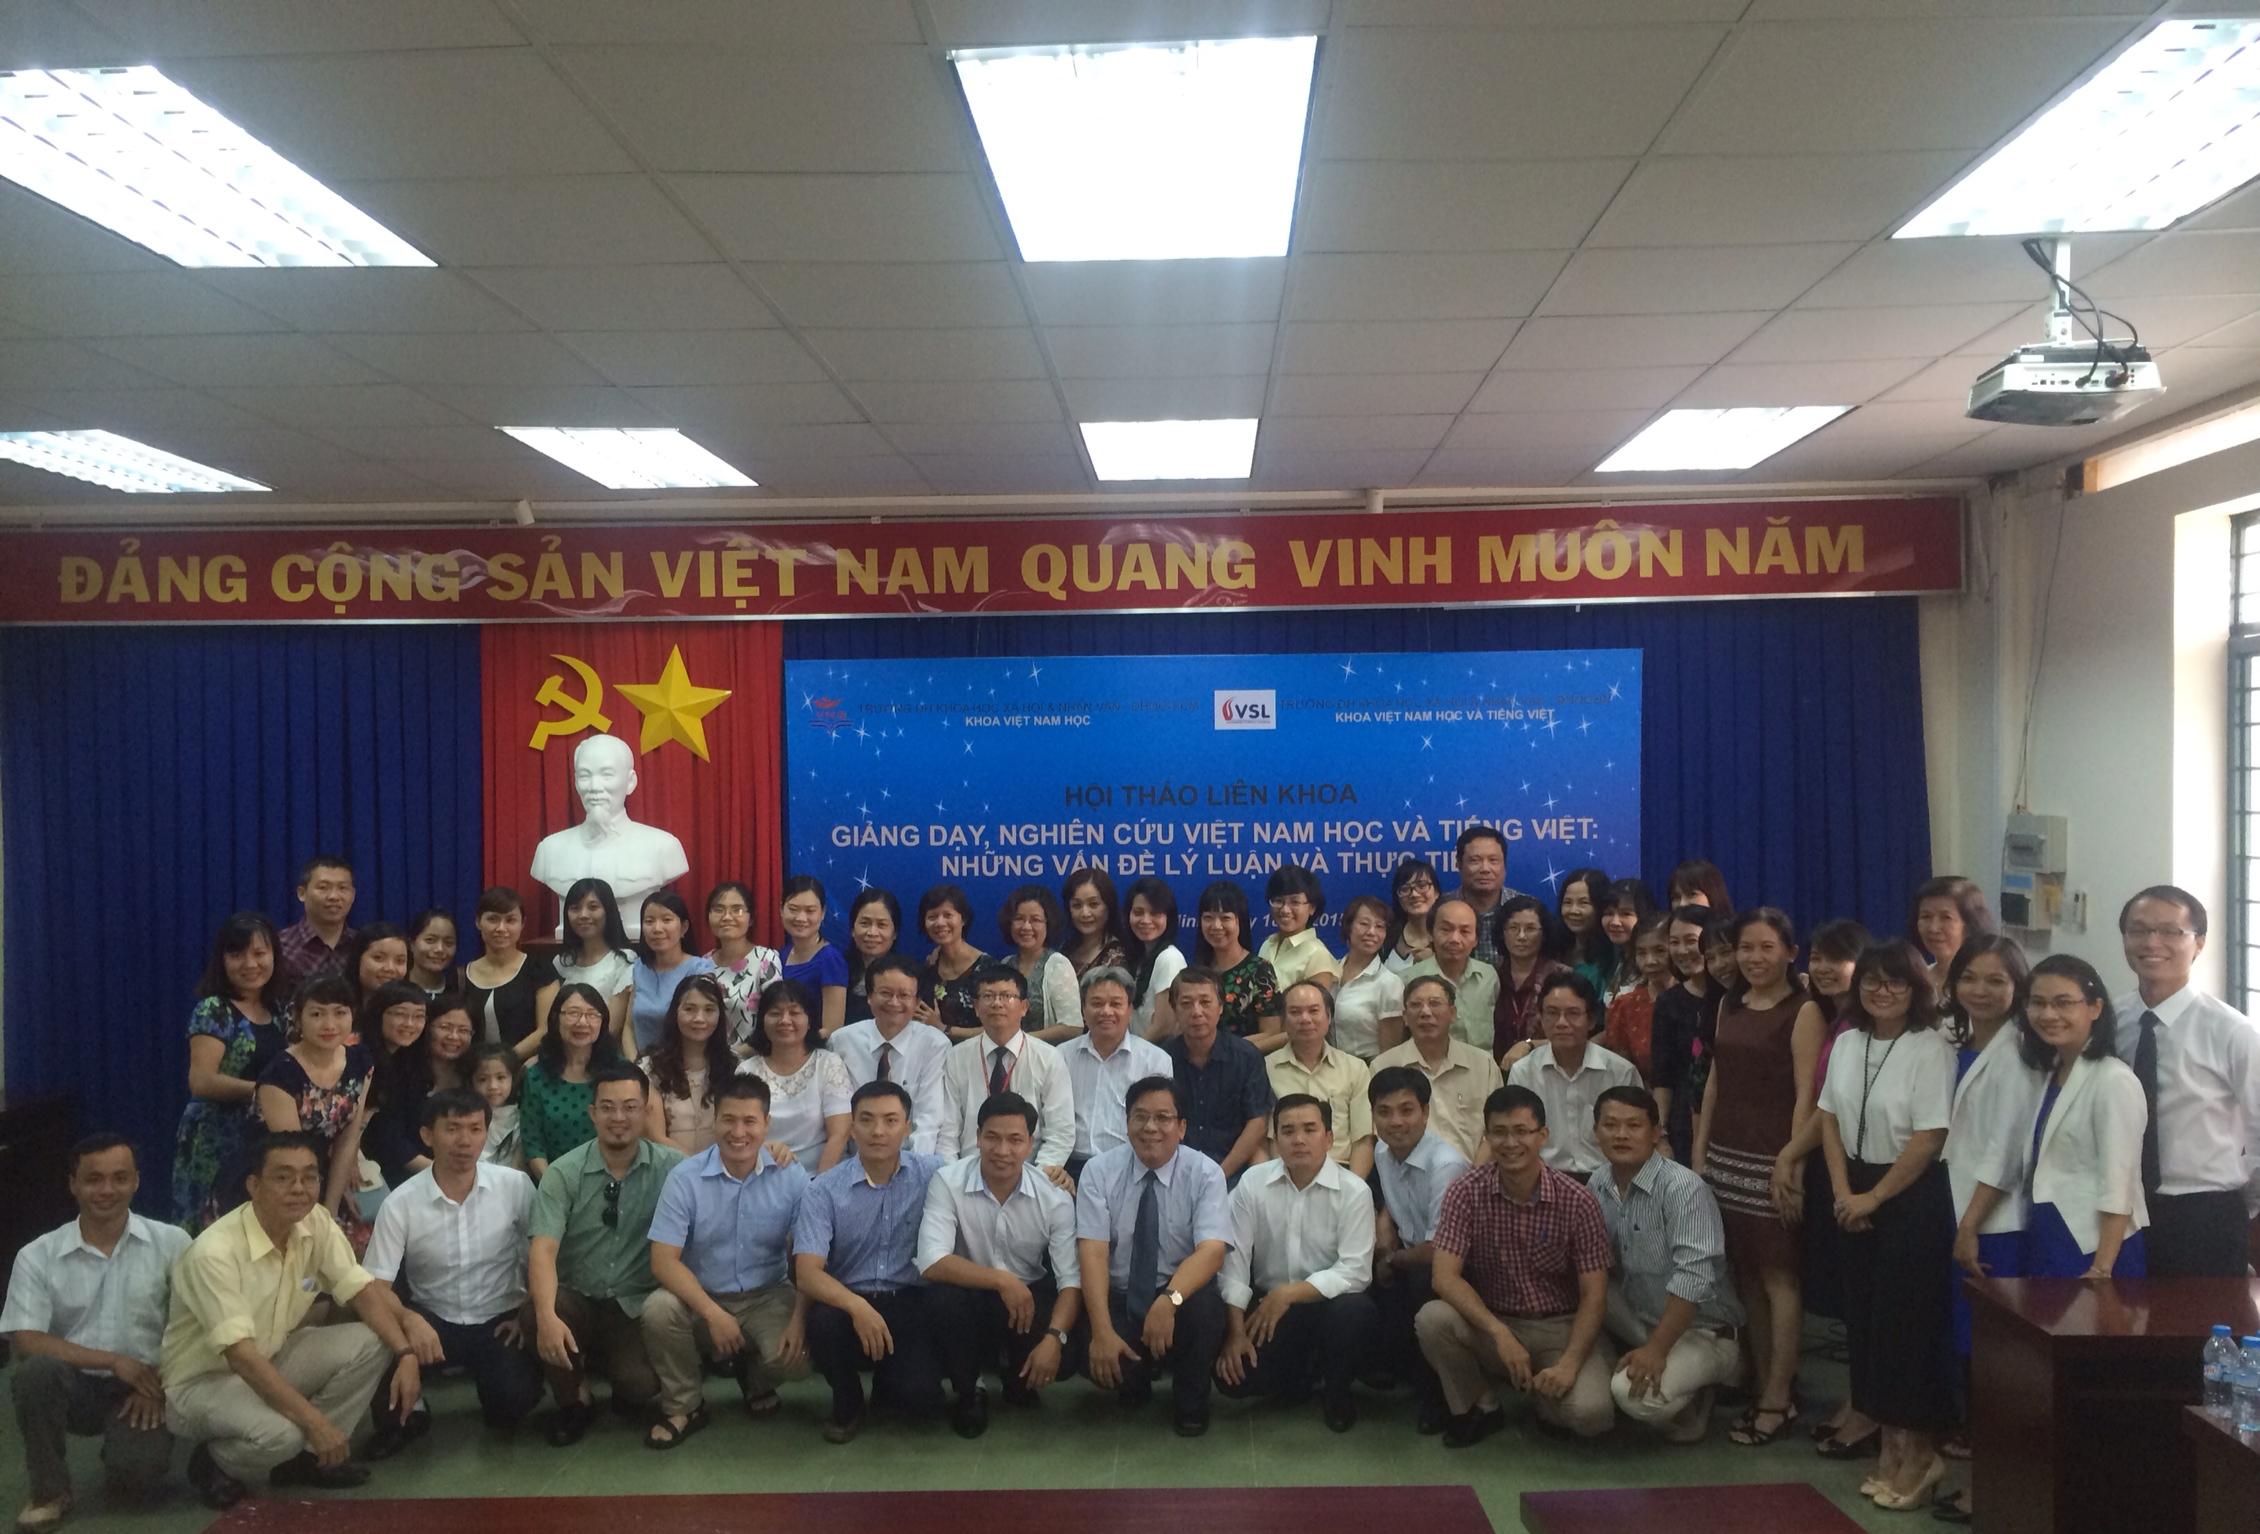 """Hội thảo khoa học """"Giảng dạy, nghiên cứu Việt Nam học và tiếng Việt: Những vấn đề lý luận và thực tiễn"""" năm 2015"""